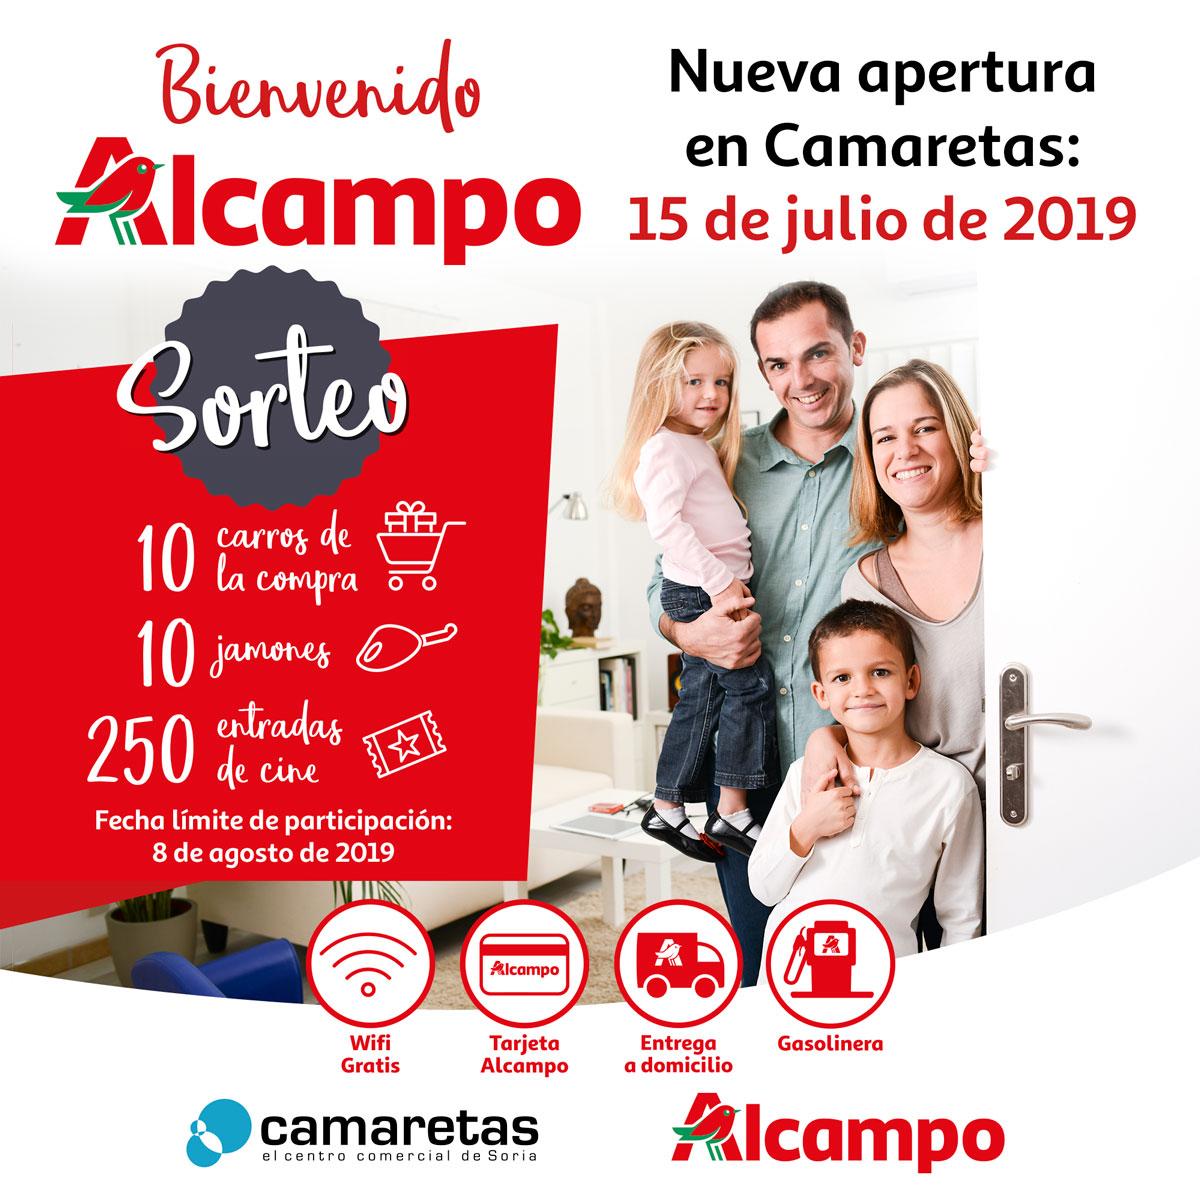 Alcampo Calendario.Bienvenido Alcampo Centro Comercial Camaretas